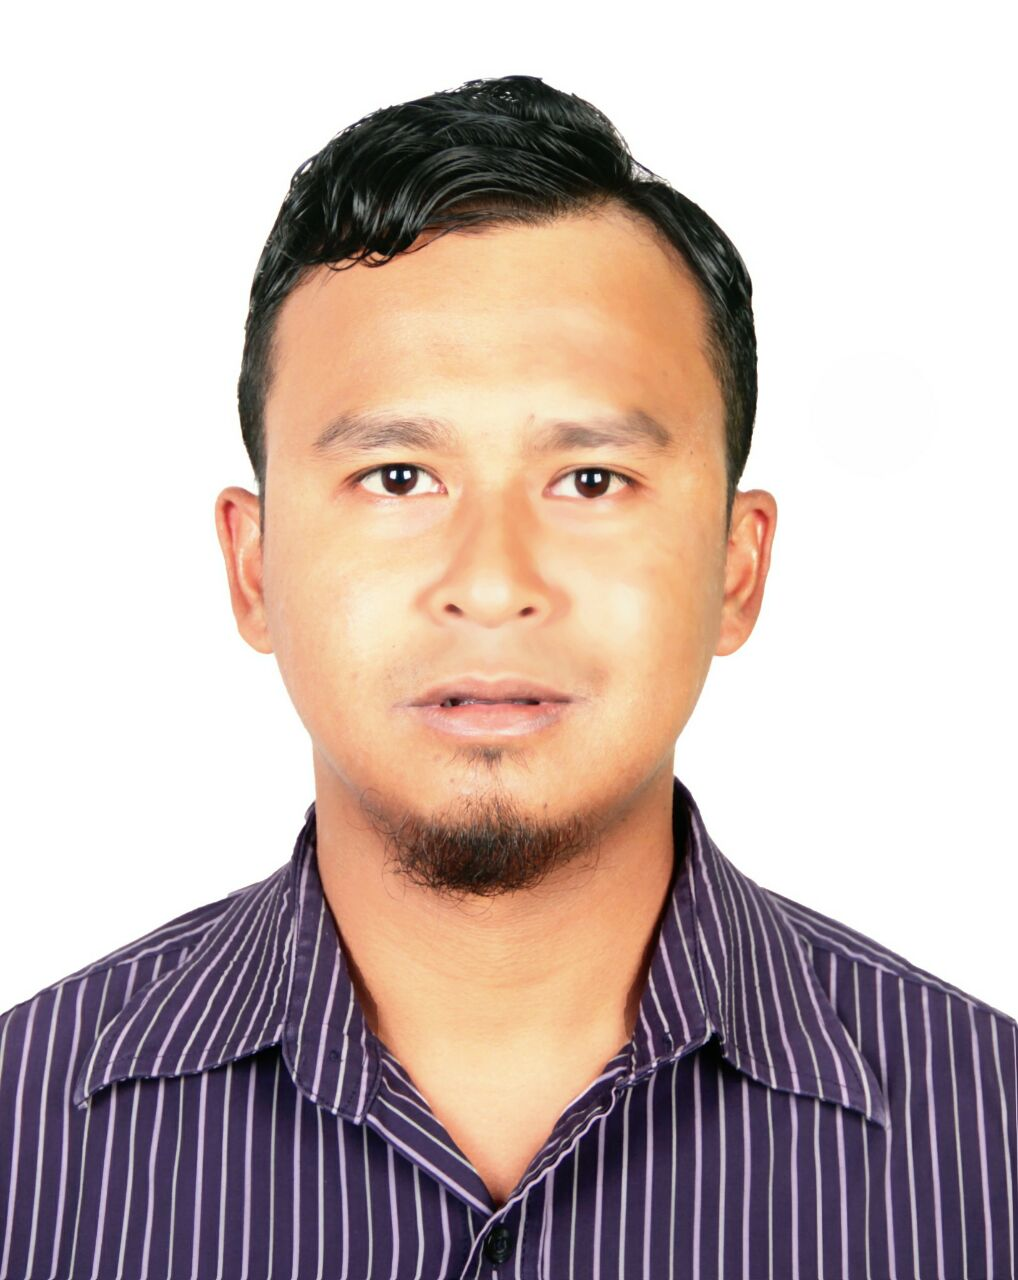 KOLEJ PENGAJIAN TINGGI ISLAM AL-INSANIAH MALAYSIA(KPTI